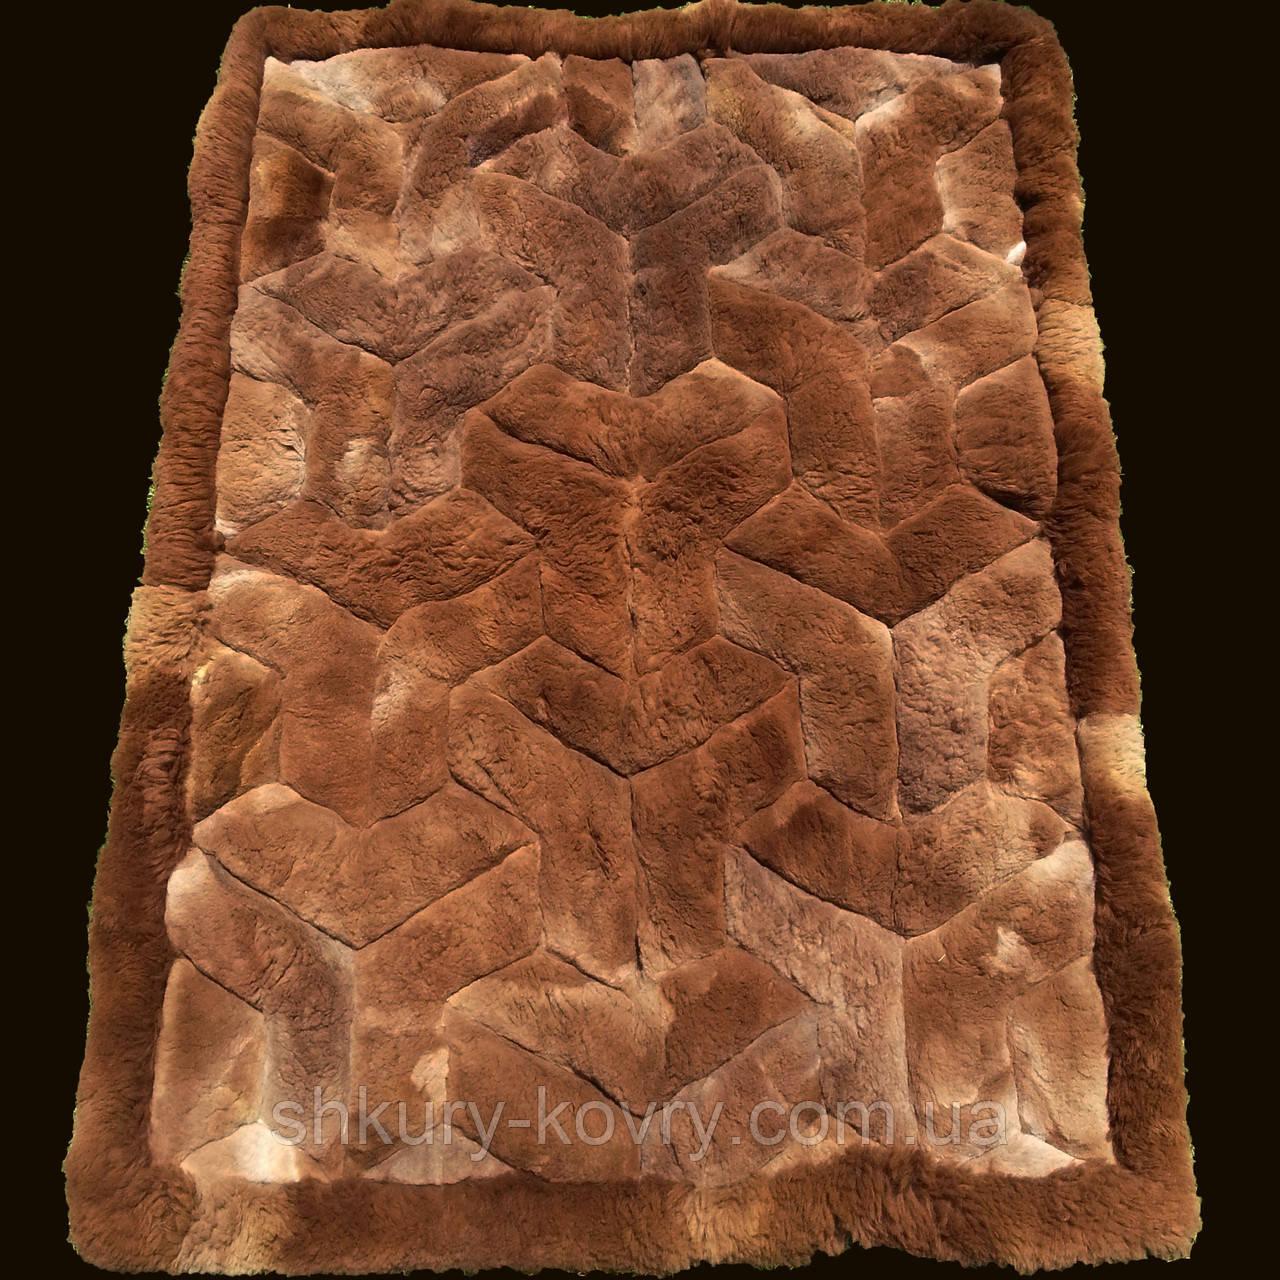 Ковер из натурального мягкого коричневого меха Альпаки купить в Одессе